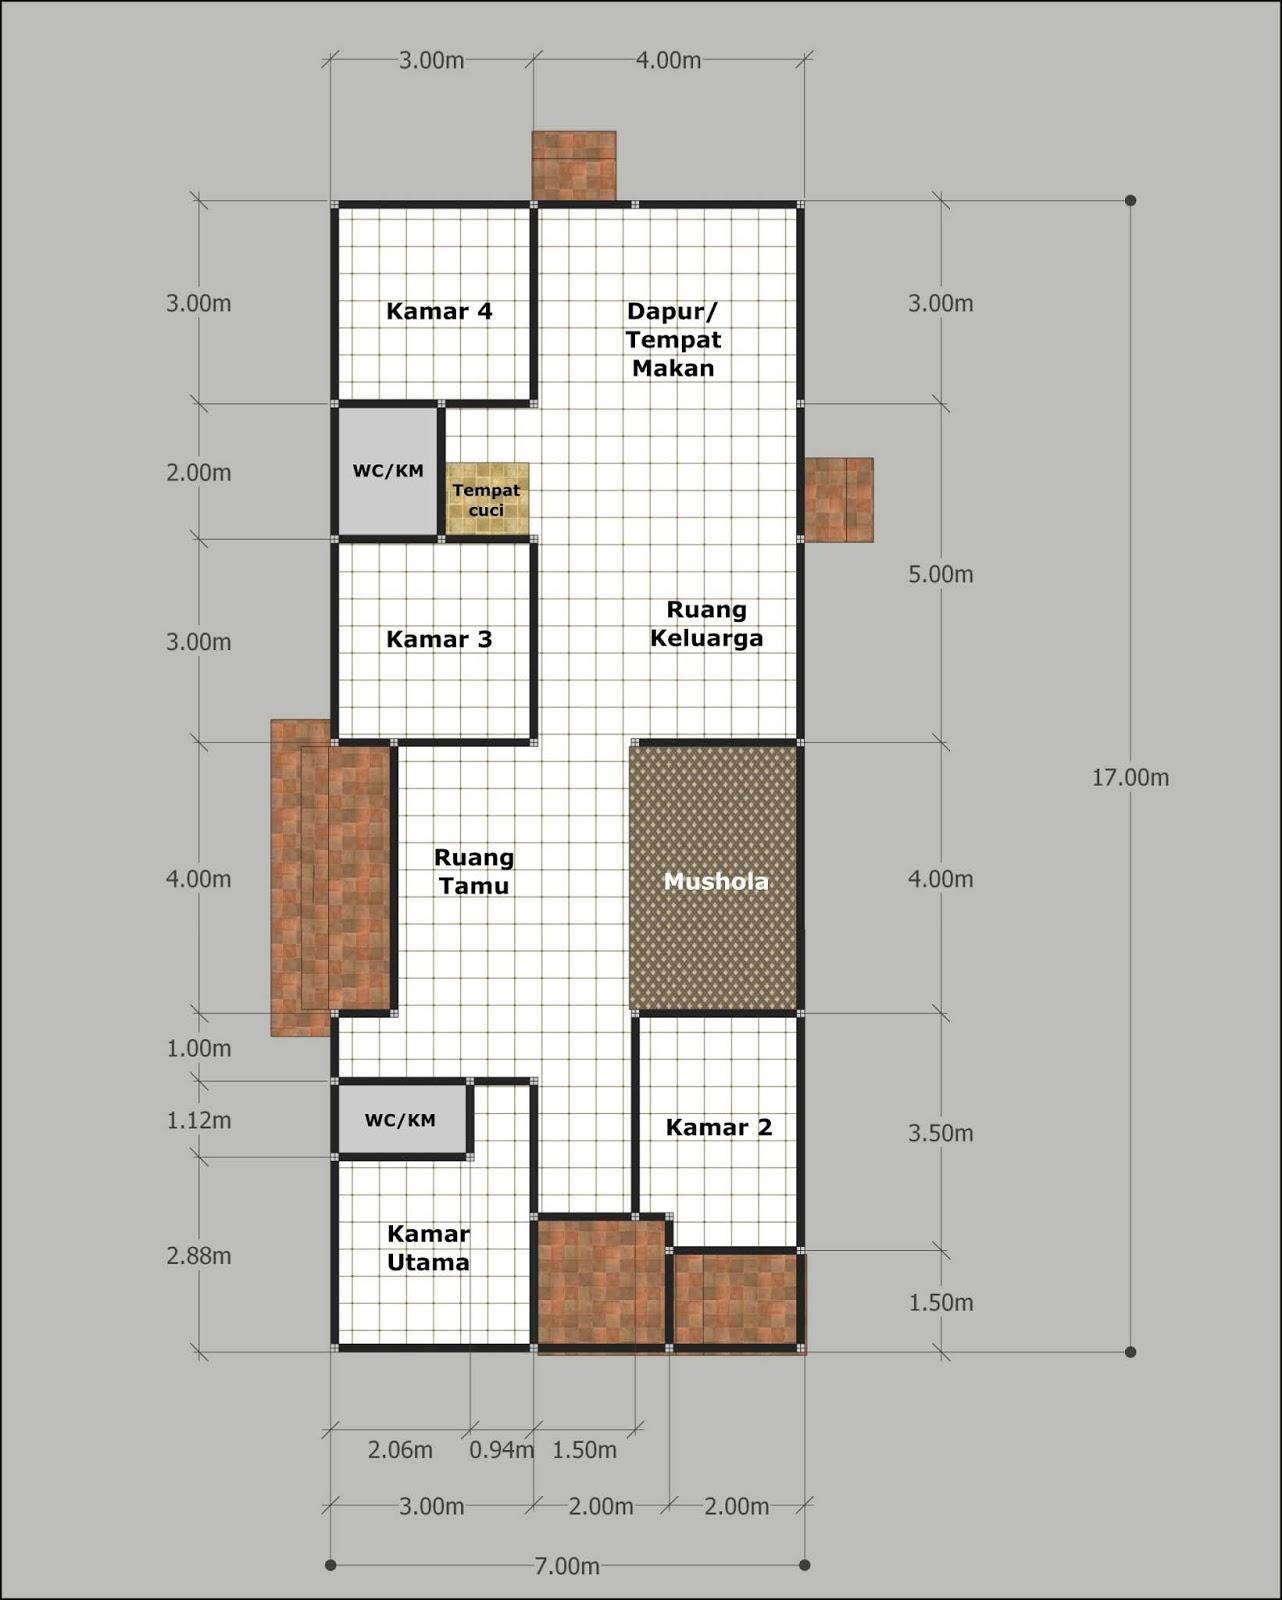 Denah Rumah Ukuran 15x20 : denah, rumah, ukuran, 15x20, Denahose:, Rancangan, Denah, Rumah, Ukuran, Tanah